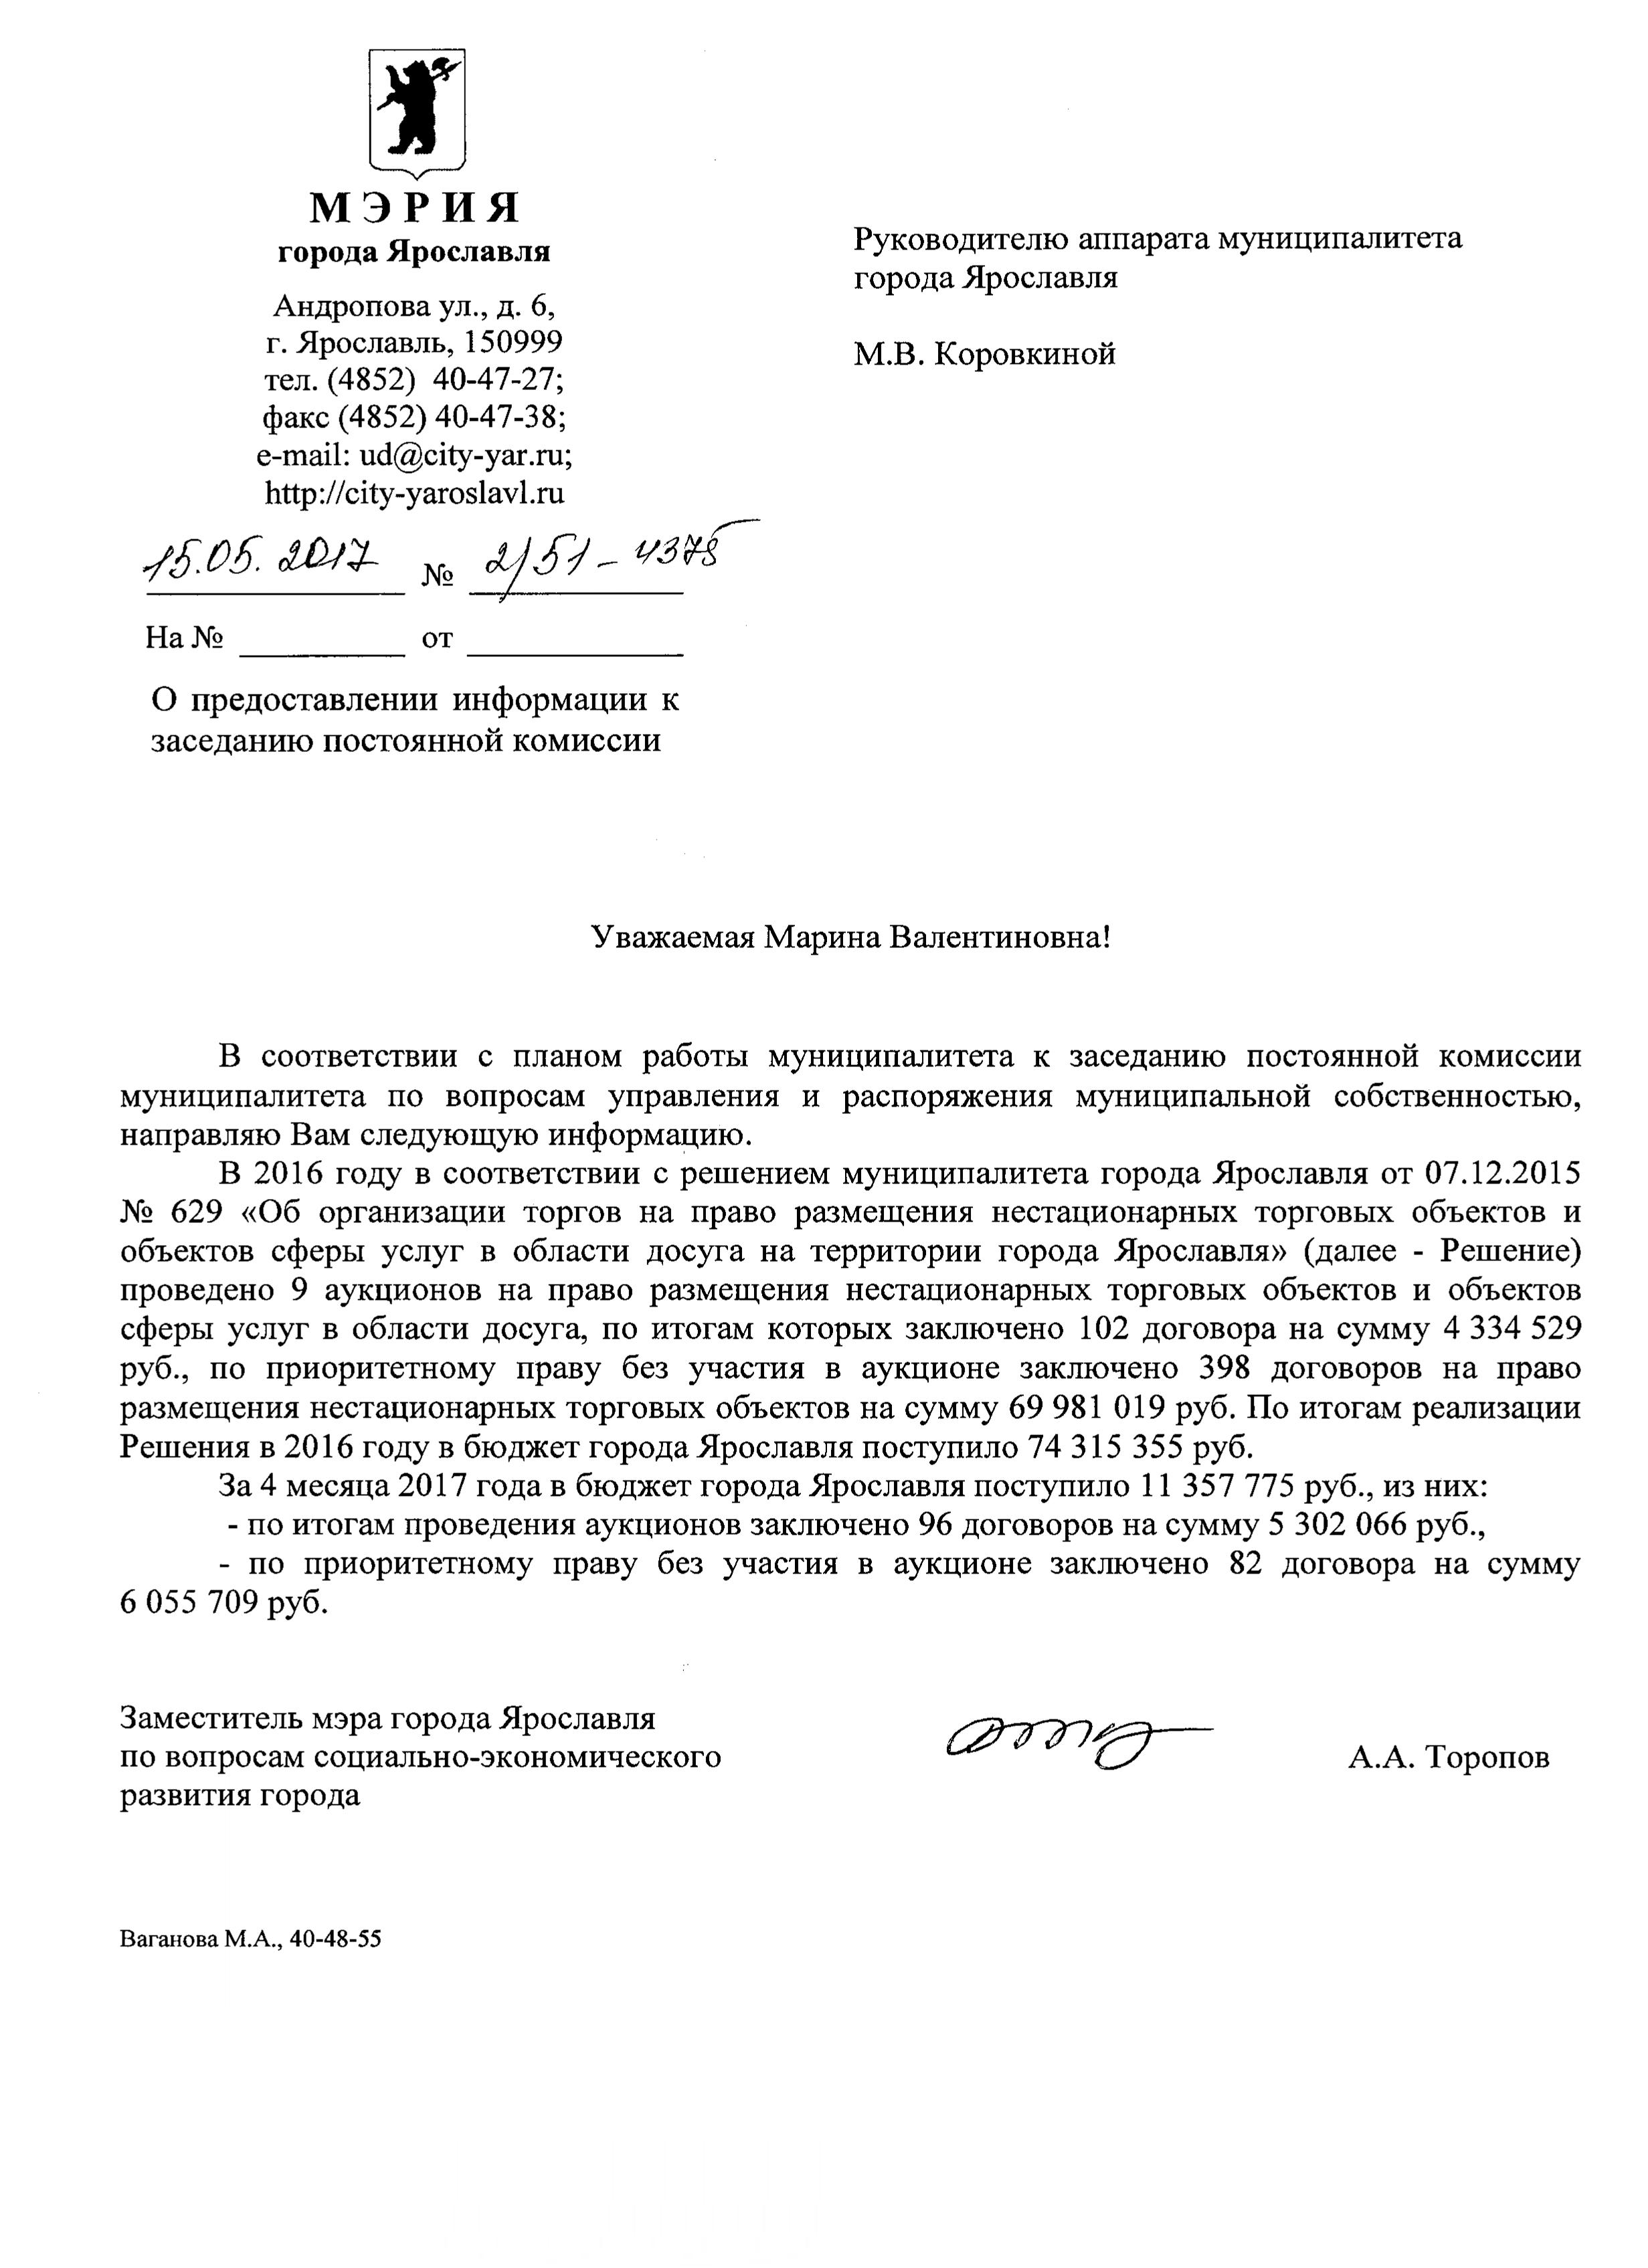 рост доходов от НТО в Ярославле